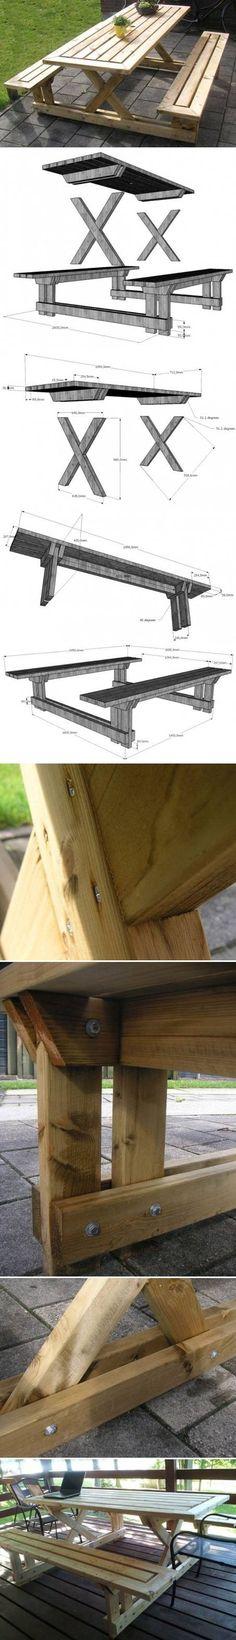 DIY Garden Bench and Table DIY Garden Bench and Table by diyforever